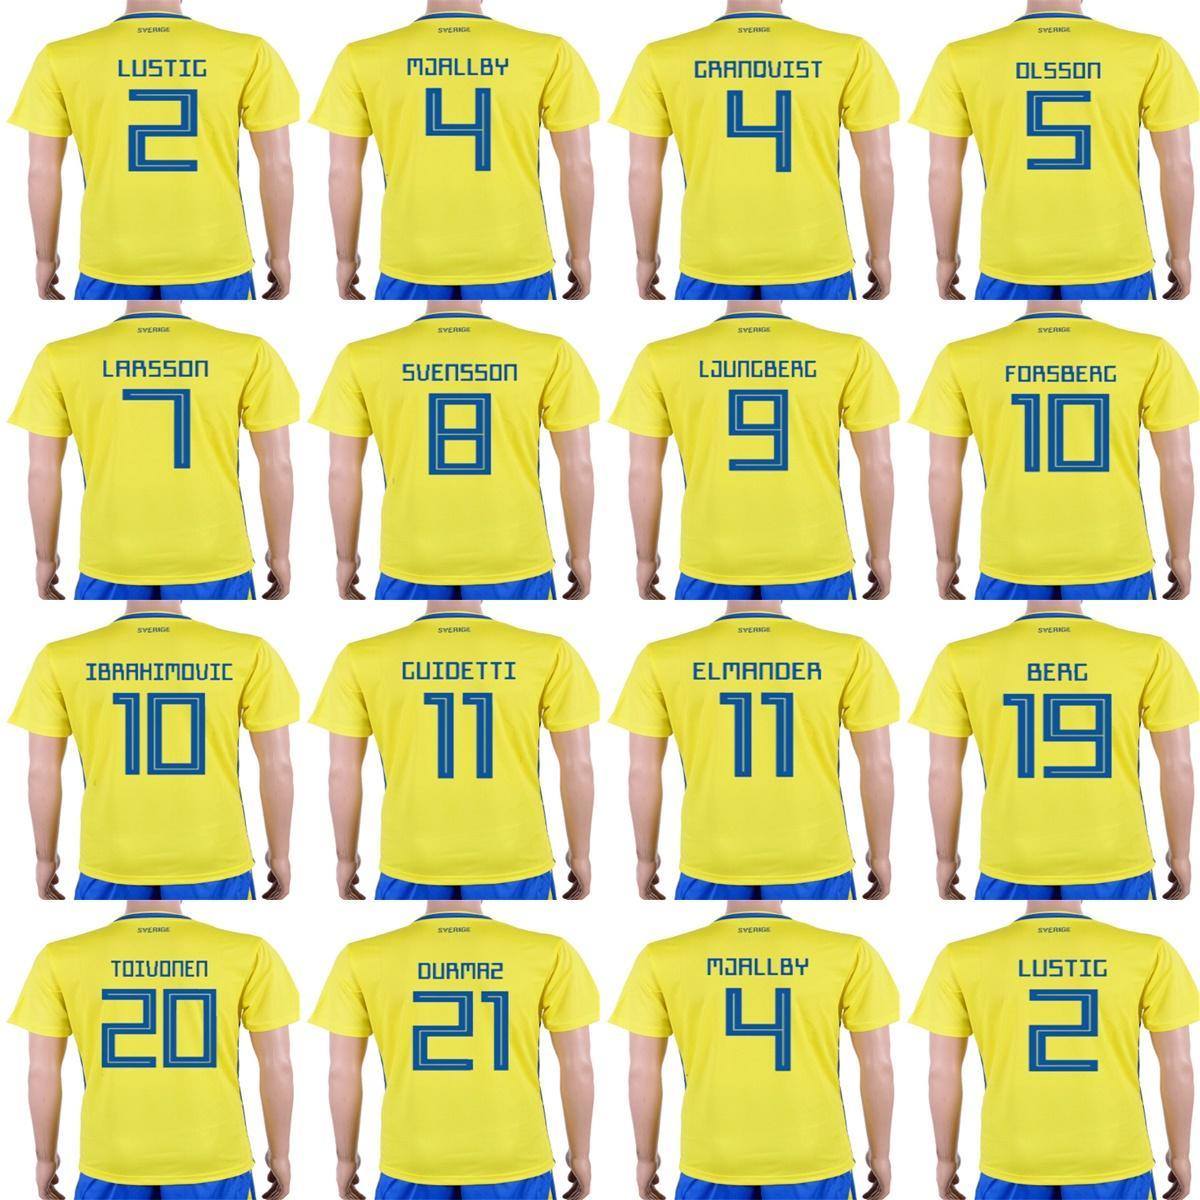 4601cbf73 Cheap Mens Womens Kids Custom 2018 World Cup Sweden Soccer Jerseys 4 ...